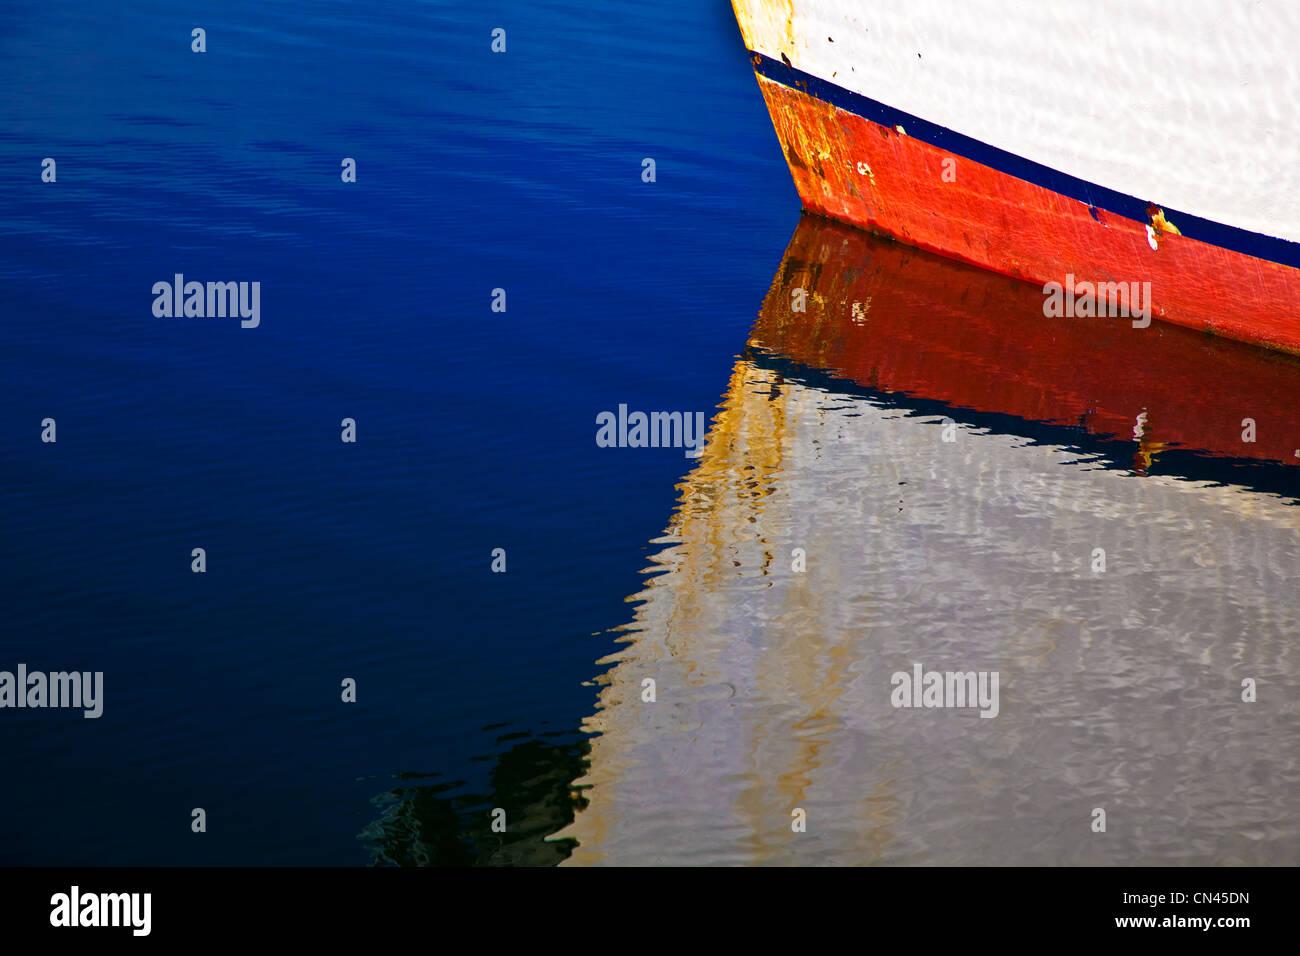 Bateau de réflexion dans l'eau arc Photo Stock